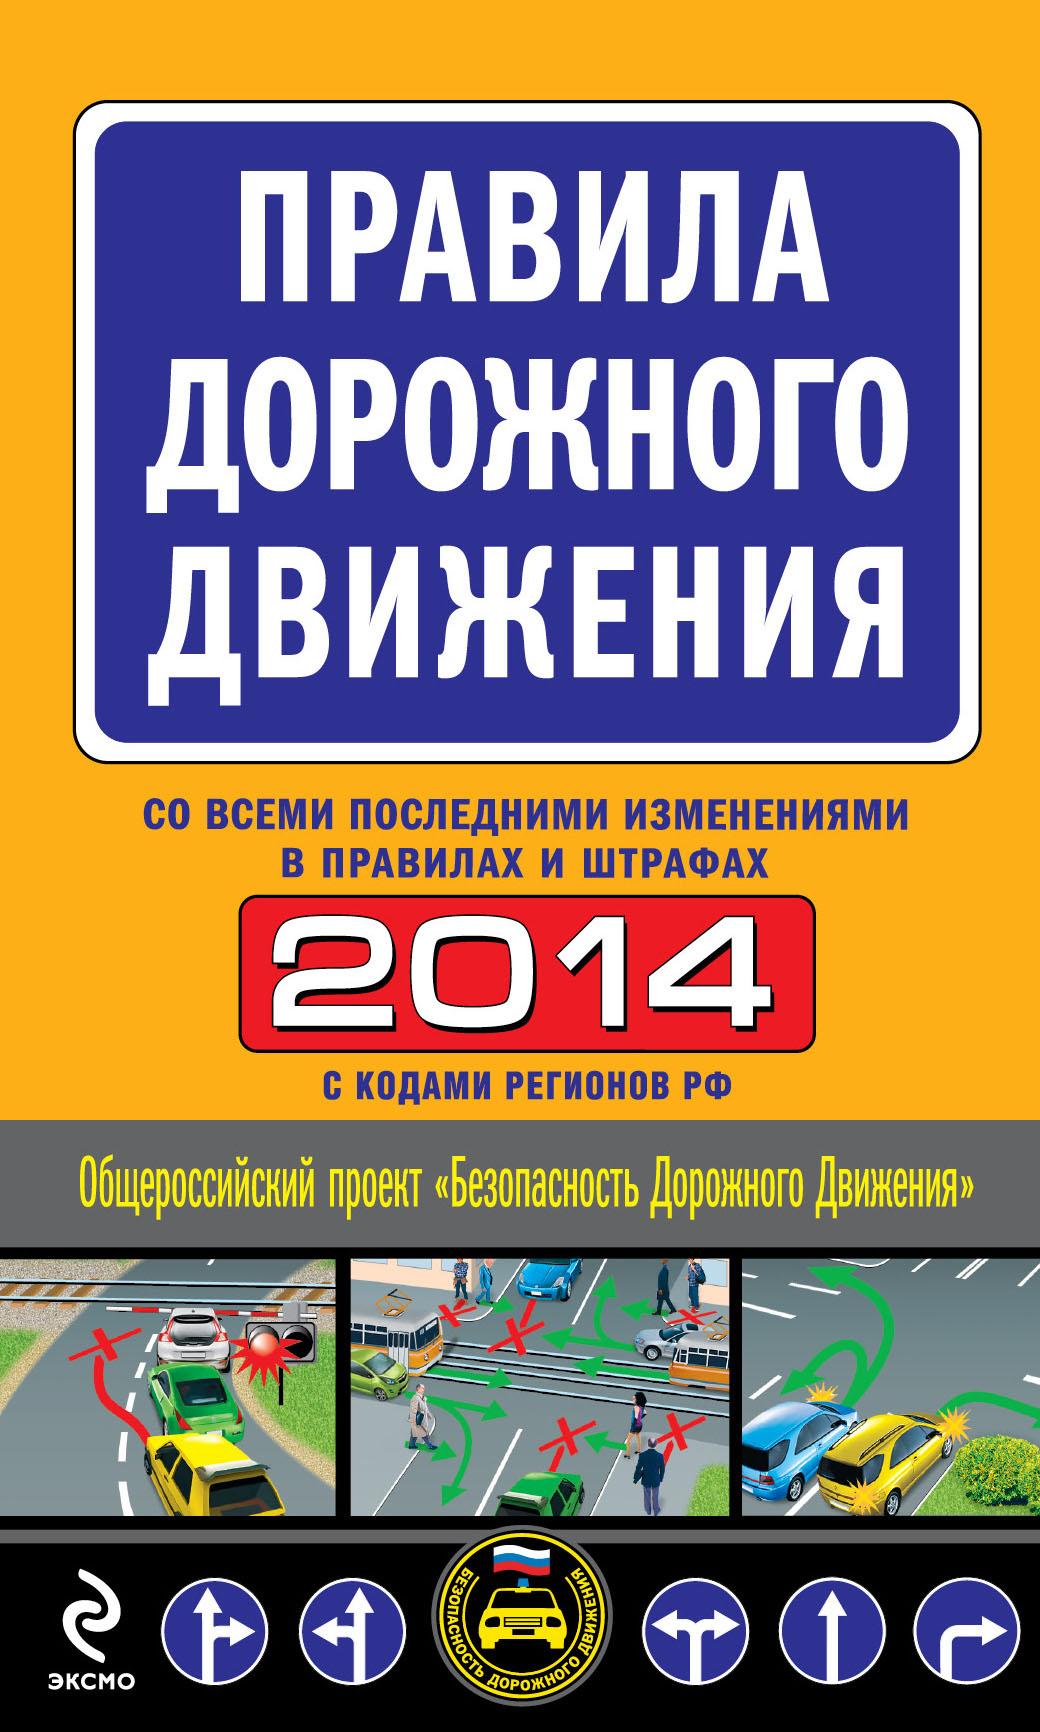 цены Отсутствует Правила дорожного движения 2014 (со всеми последними изменениями в правилах и штрафах)